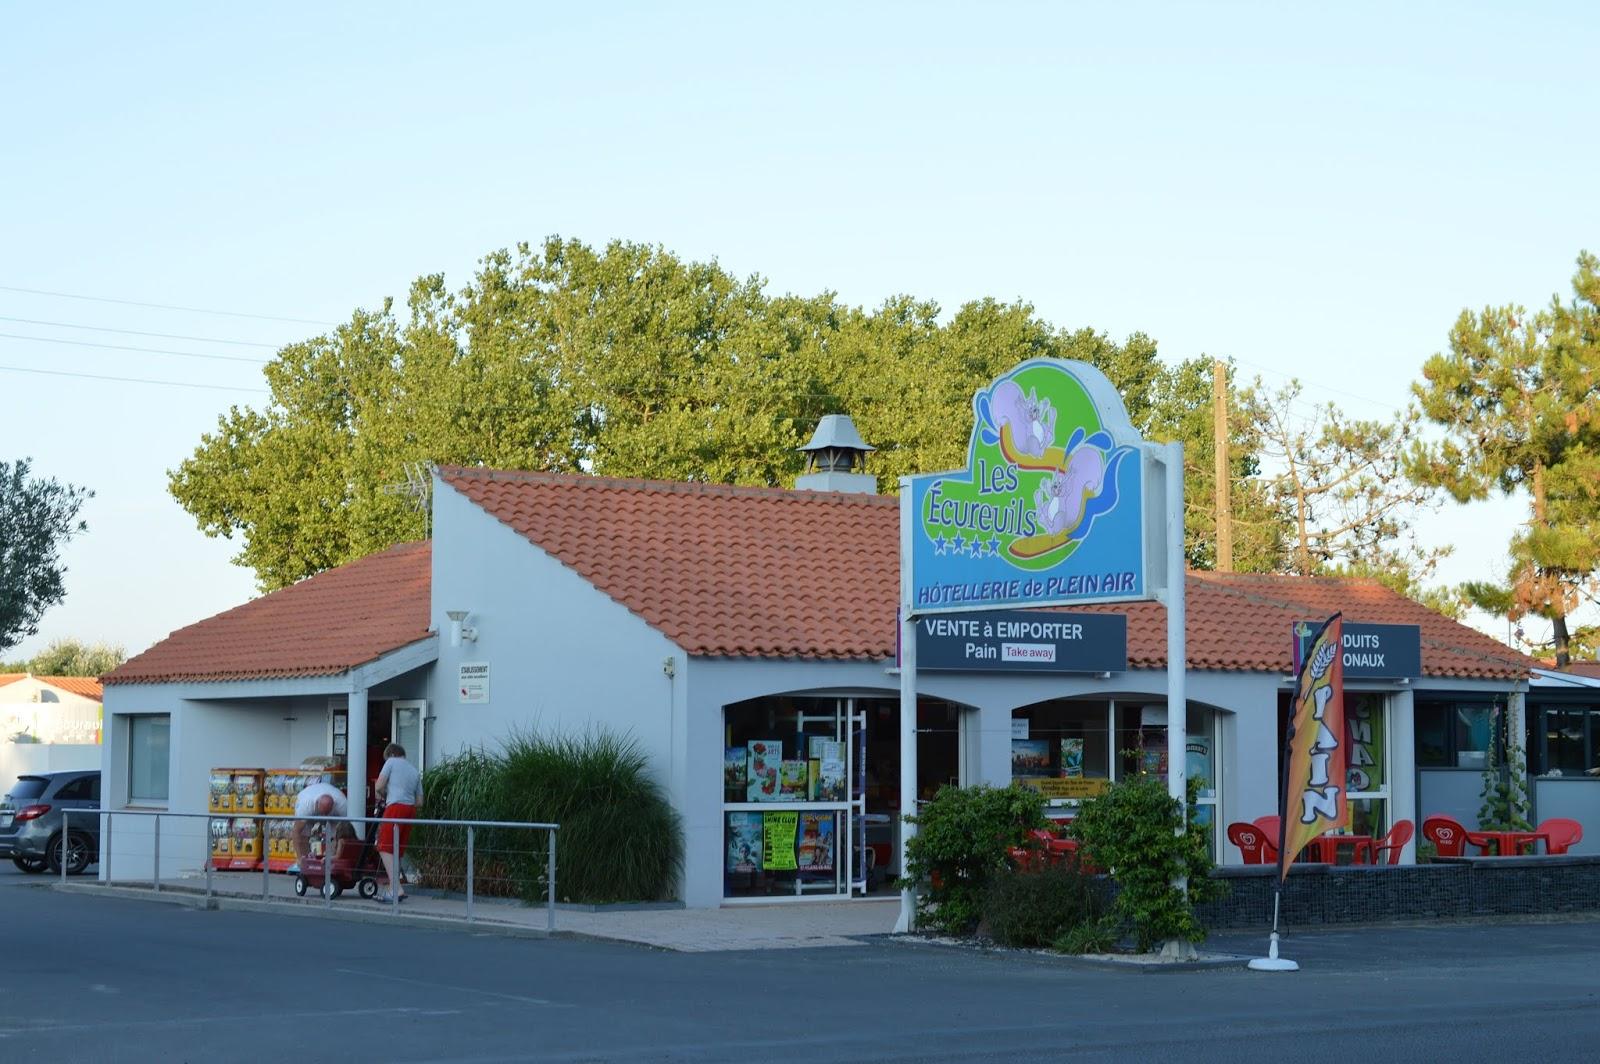 Les Ecureuils Campsite, Vendee - A Eurocamp Site near Puy du Fou (Full Review) - Amy's House